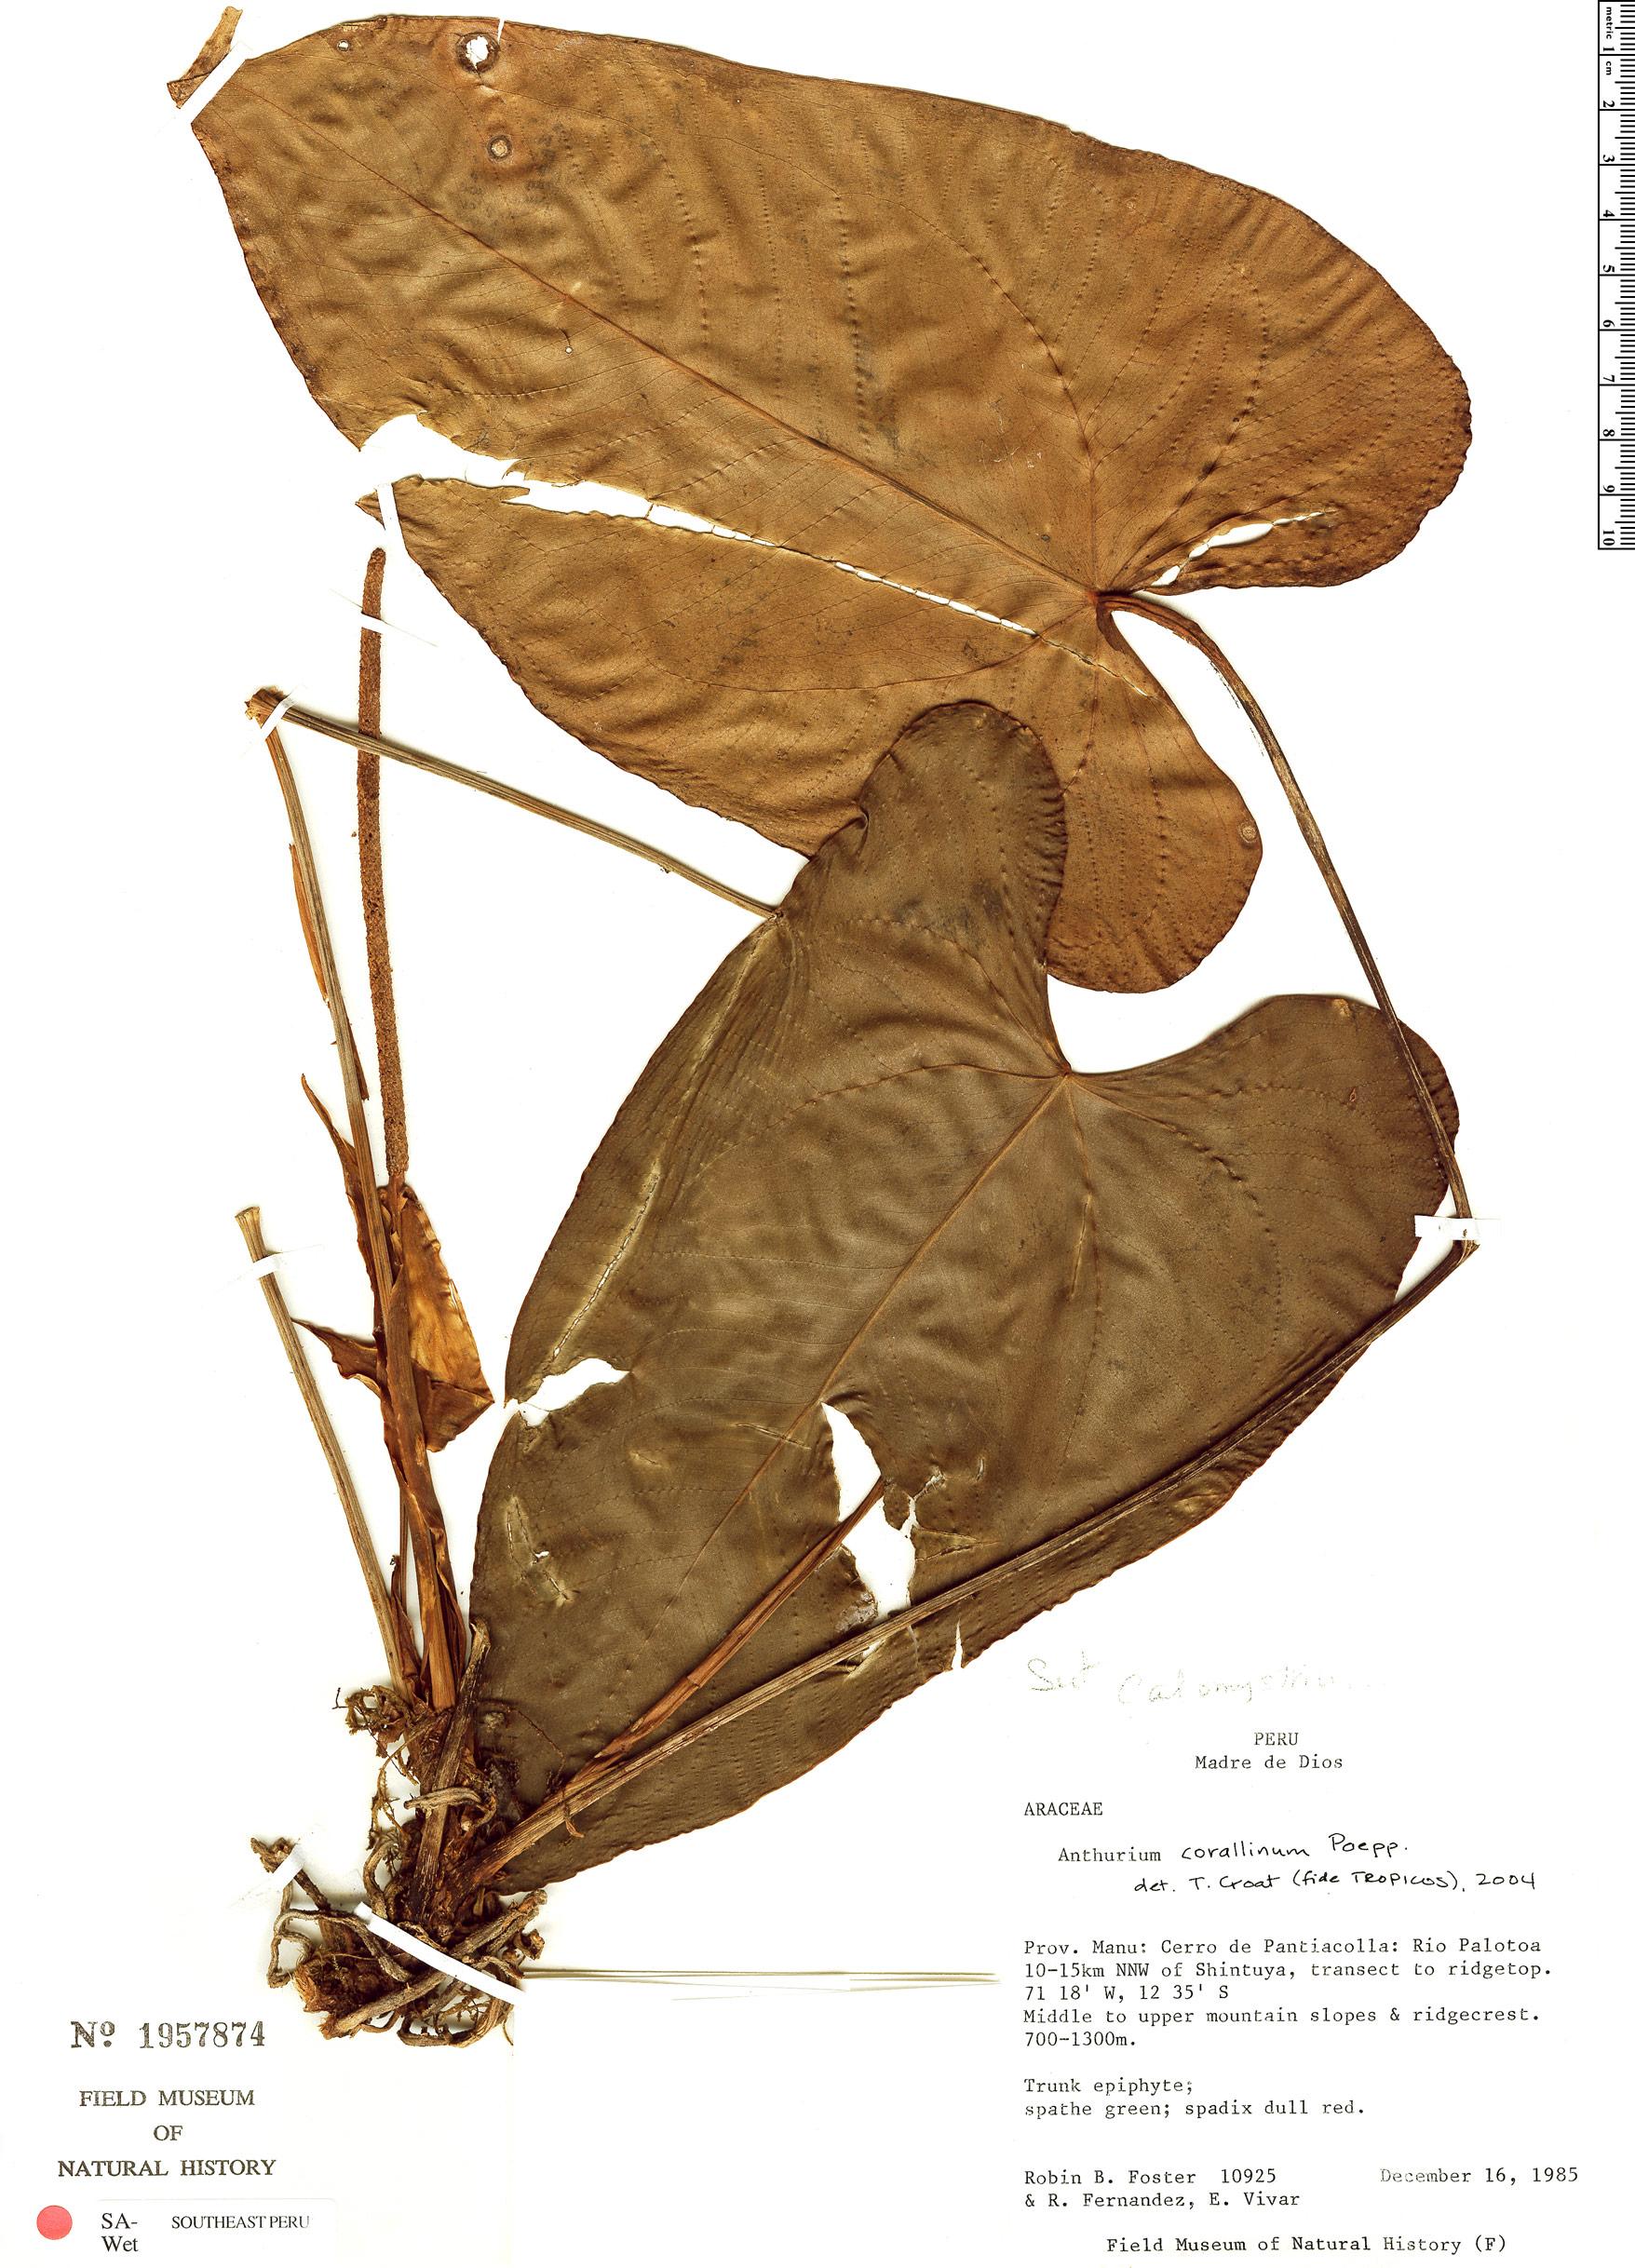 Espécime: Anthurium corallinum